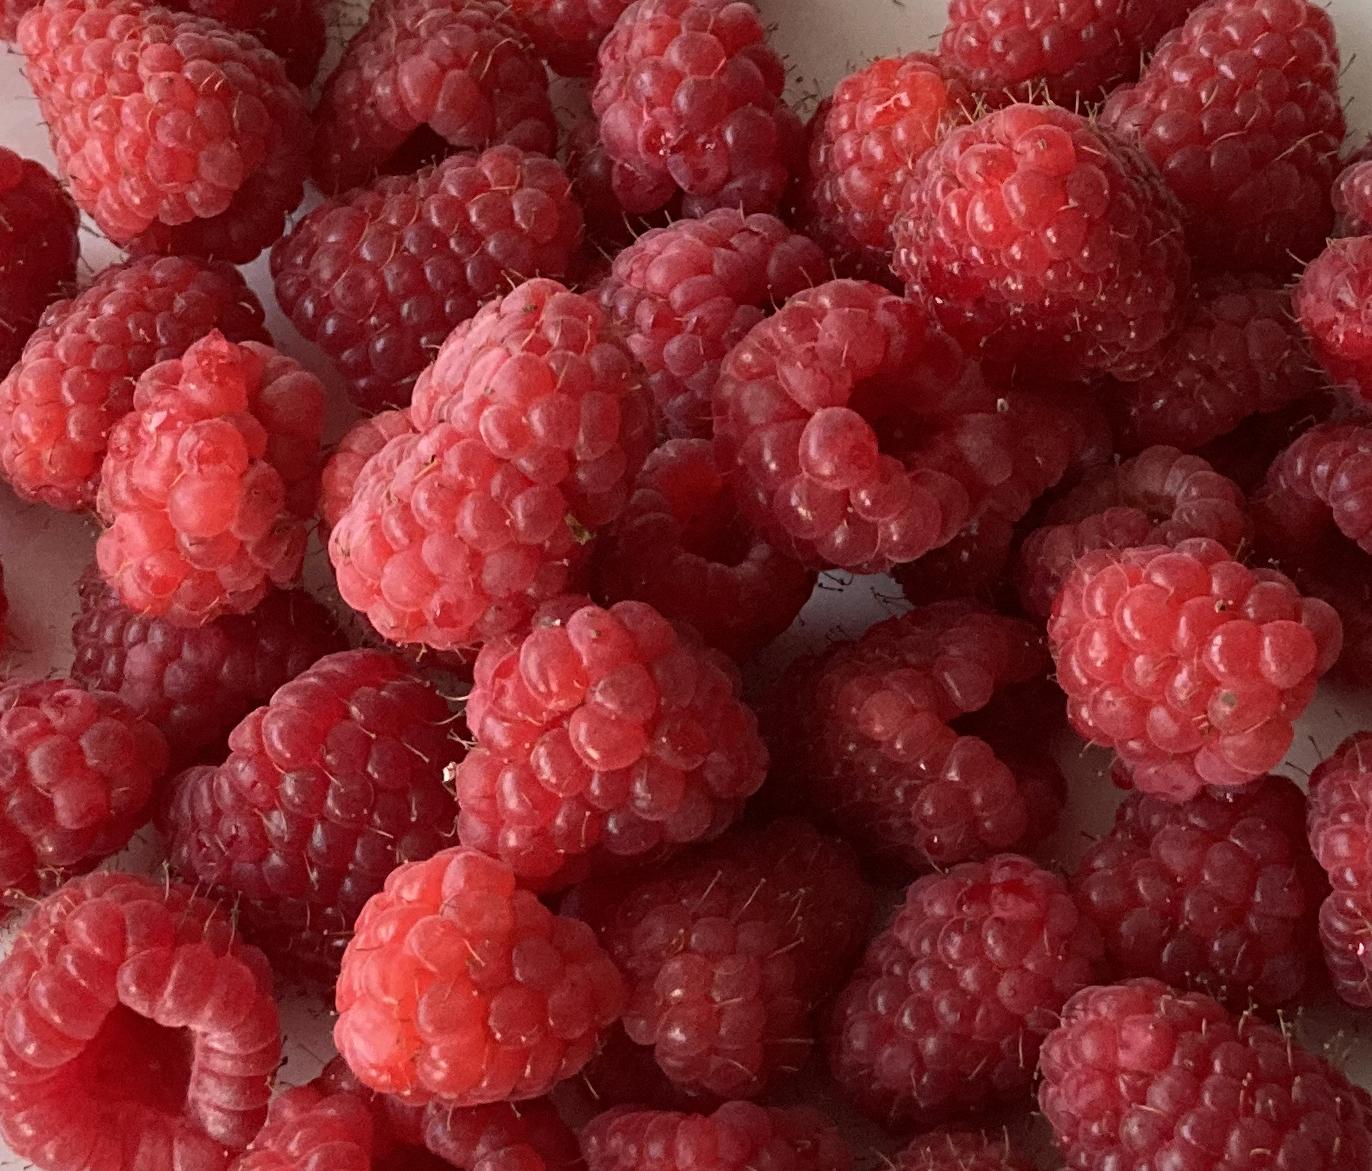 Raspberries ©cadwu